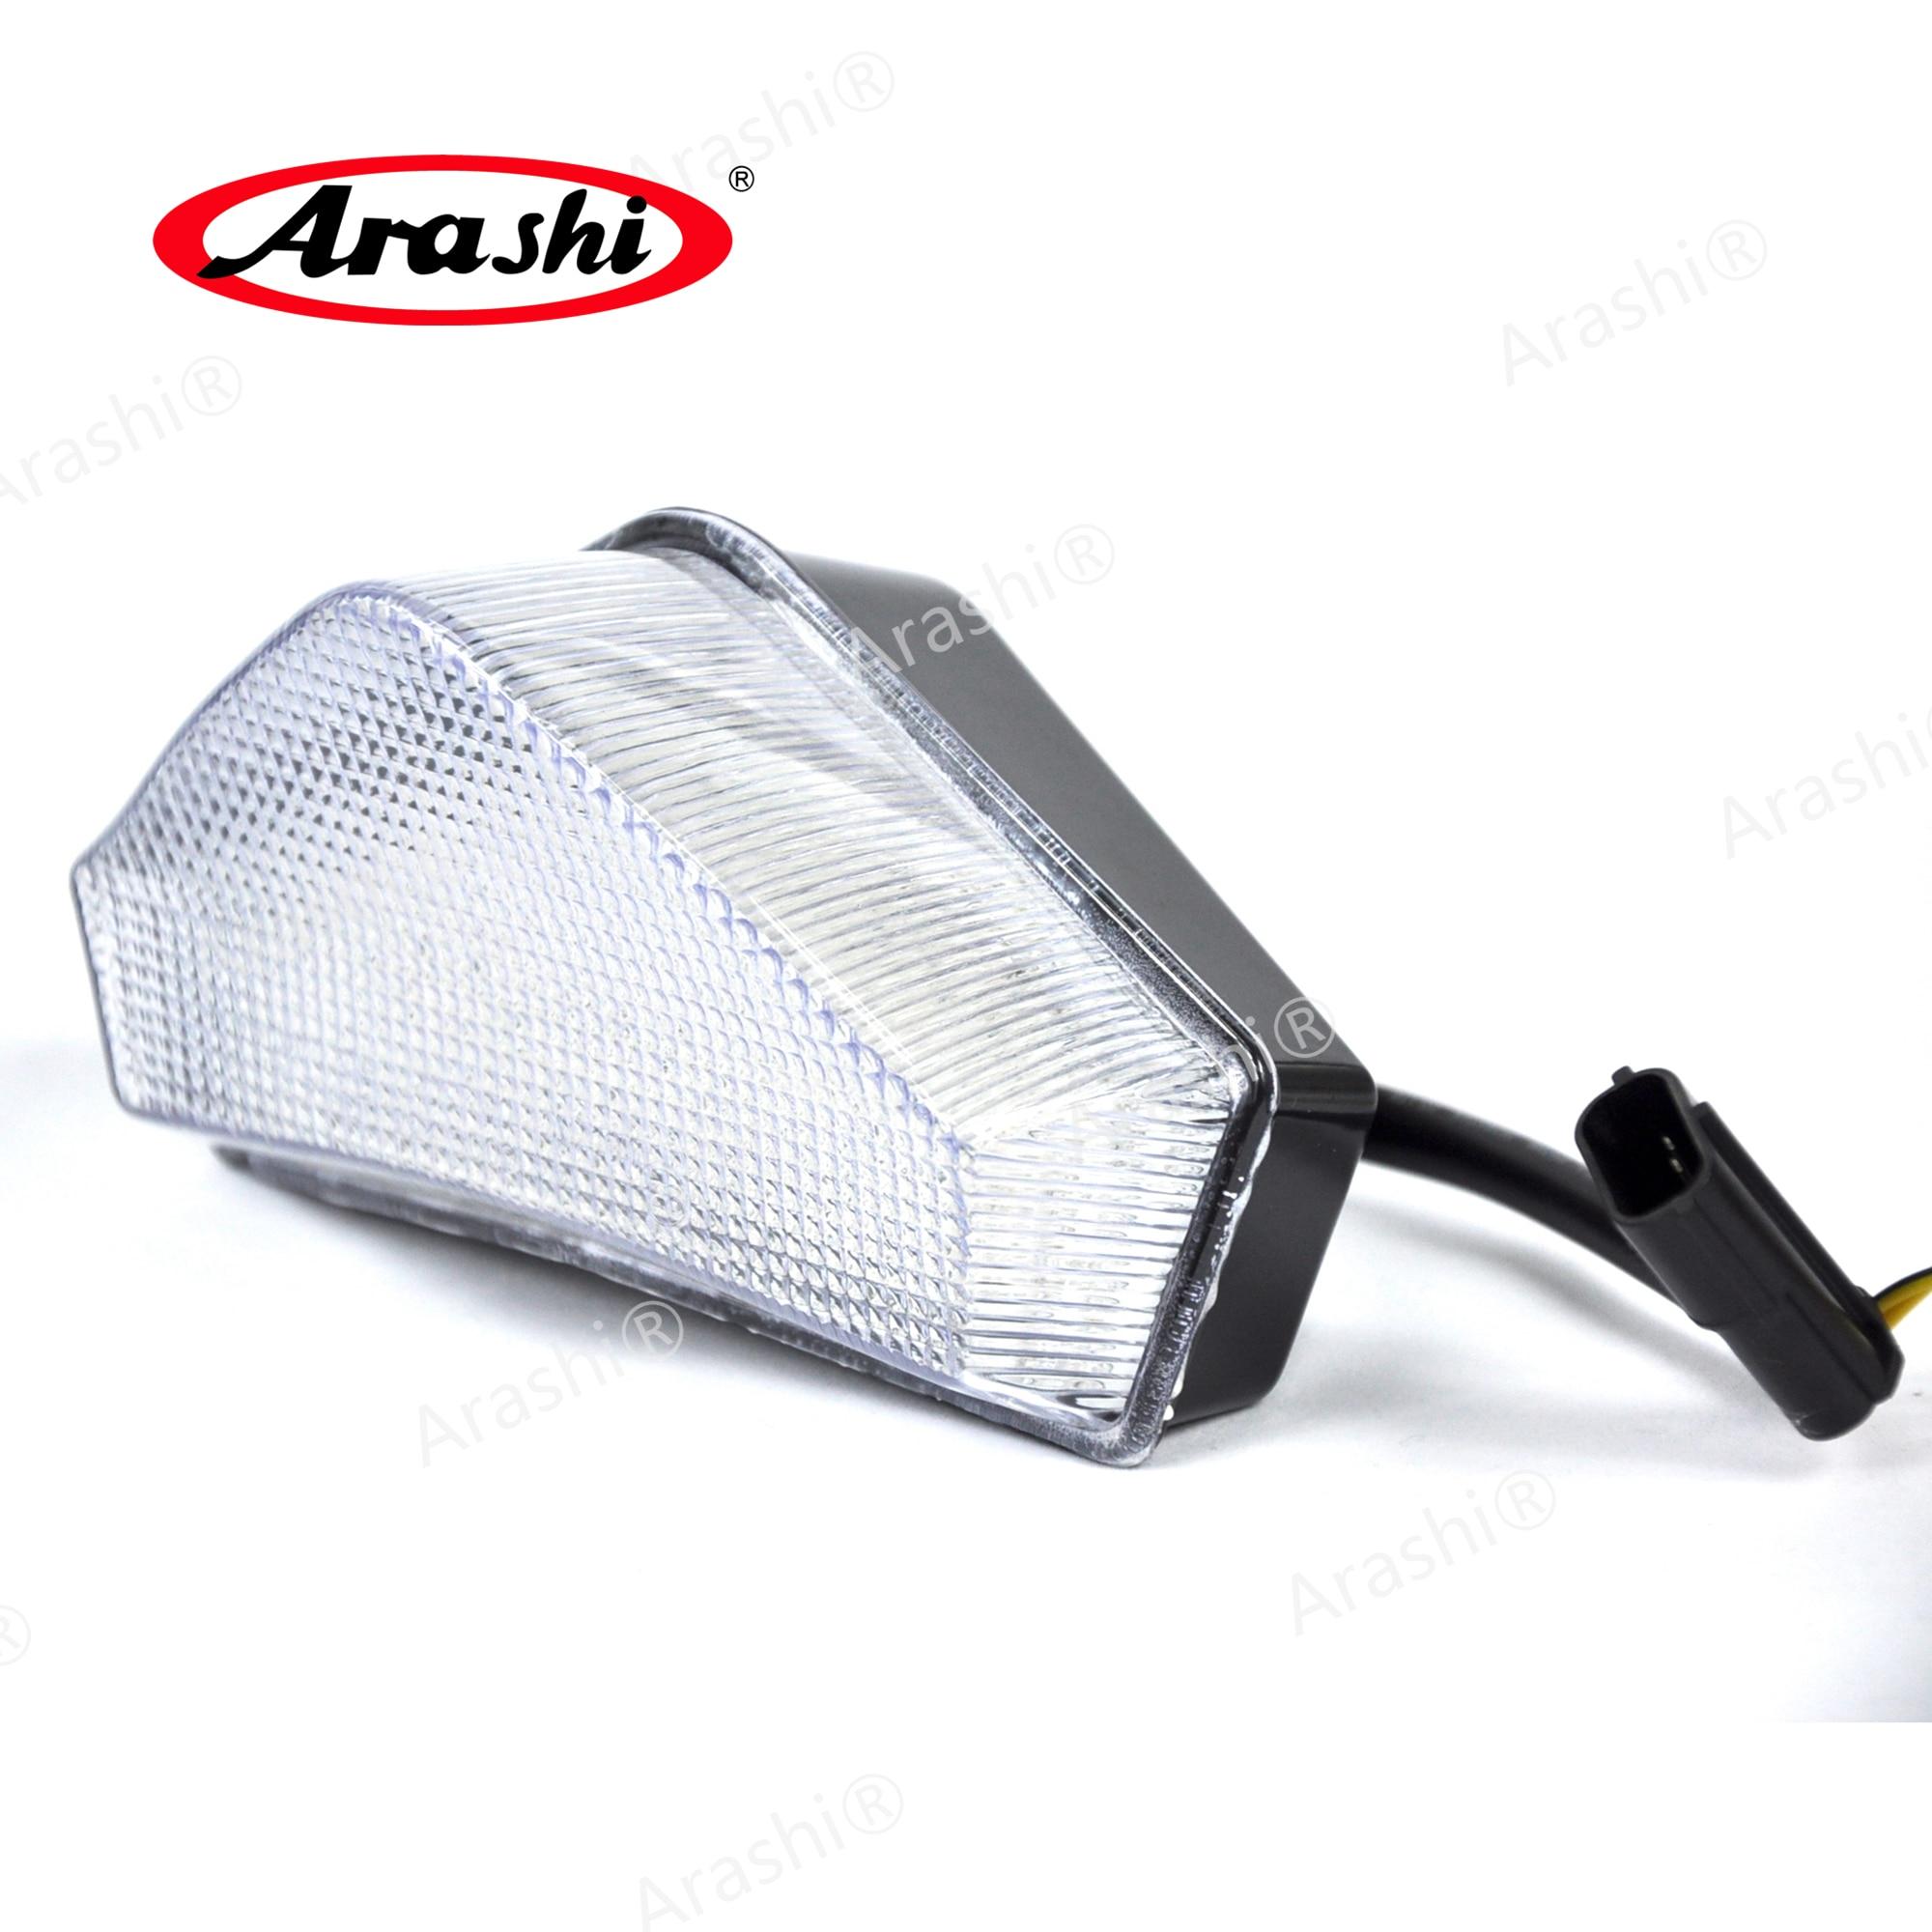 Arashi para TRIUMPH Speed Triple 2005-2007 LED integrado luz trasera de freno 2005 2006 2007 Sprint ST Tiger Luz de señal de giro